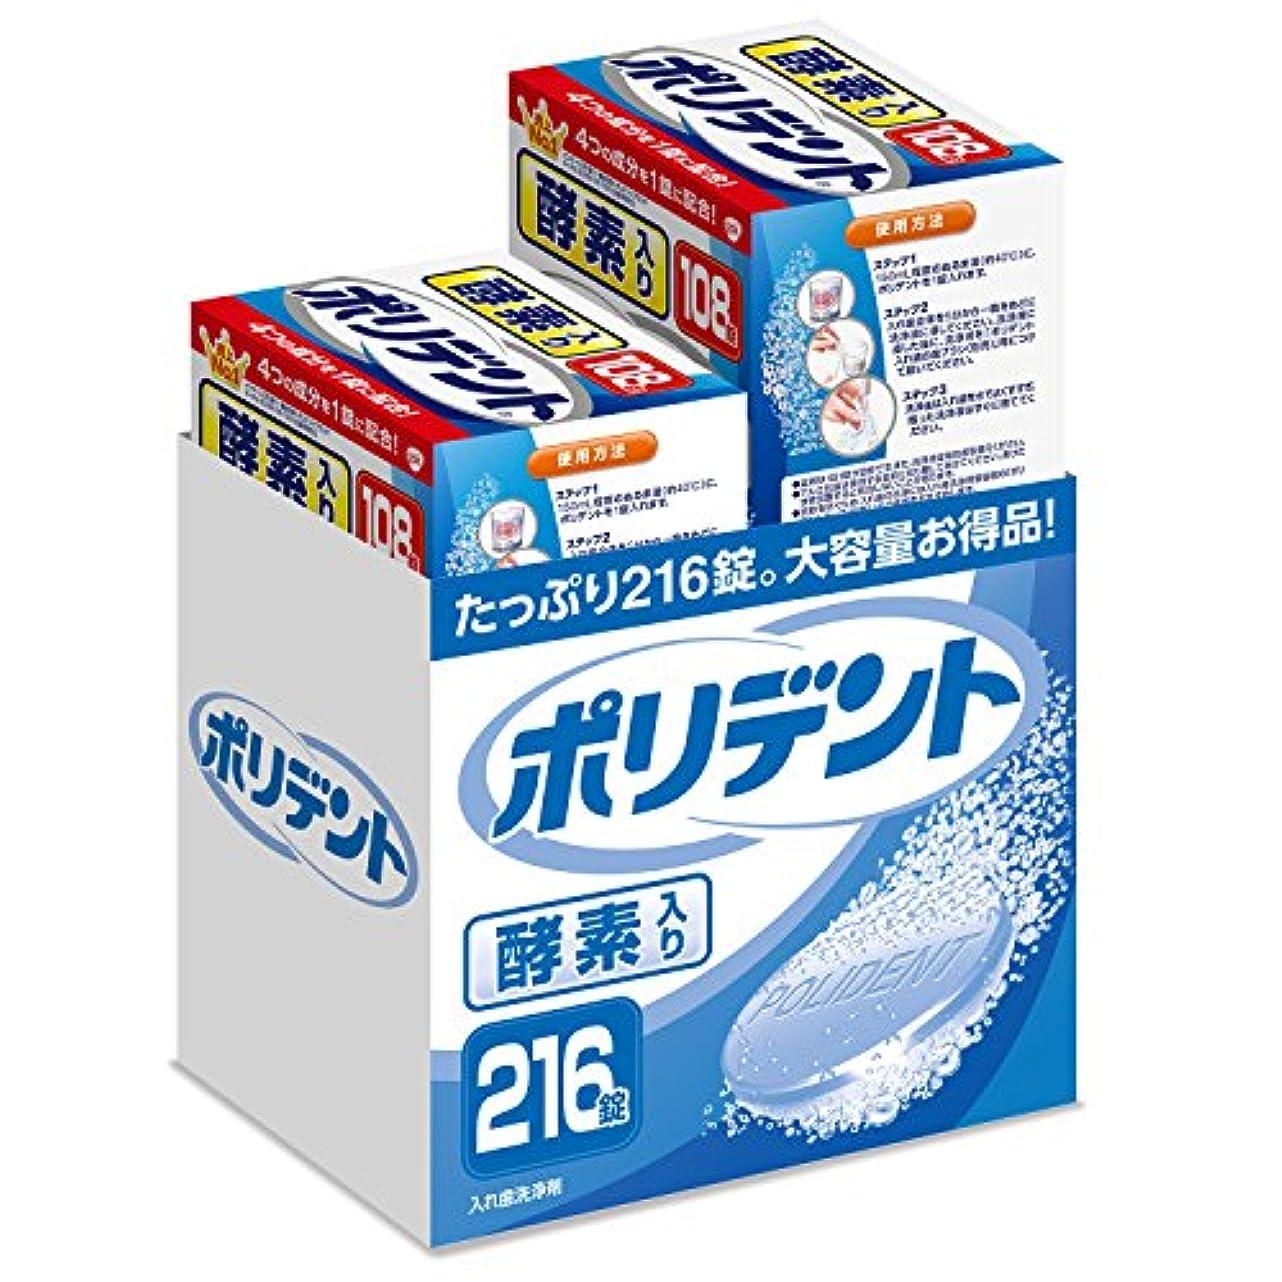 元の泣き叫ぶぴかぴか【Amazon.co.jp限定】入れ歯洗浄剤 酵素入りポリデント 大容量 216錠